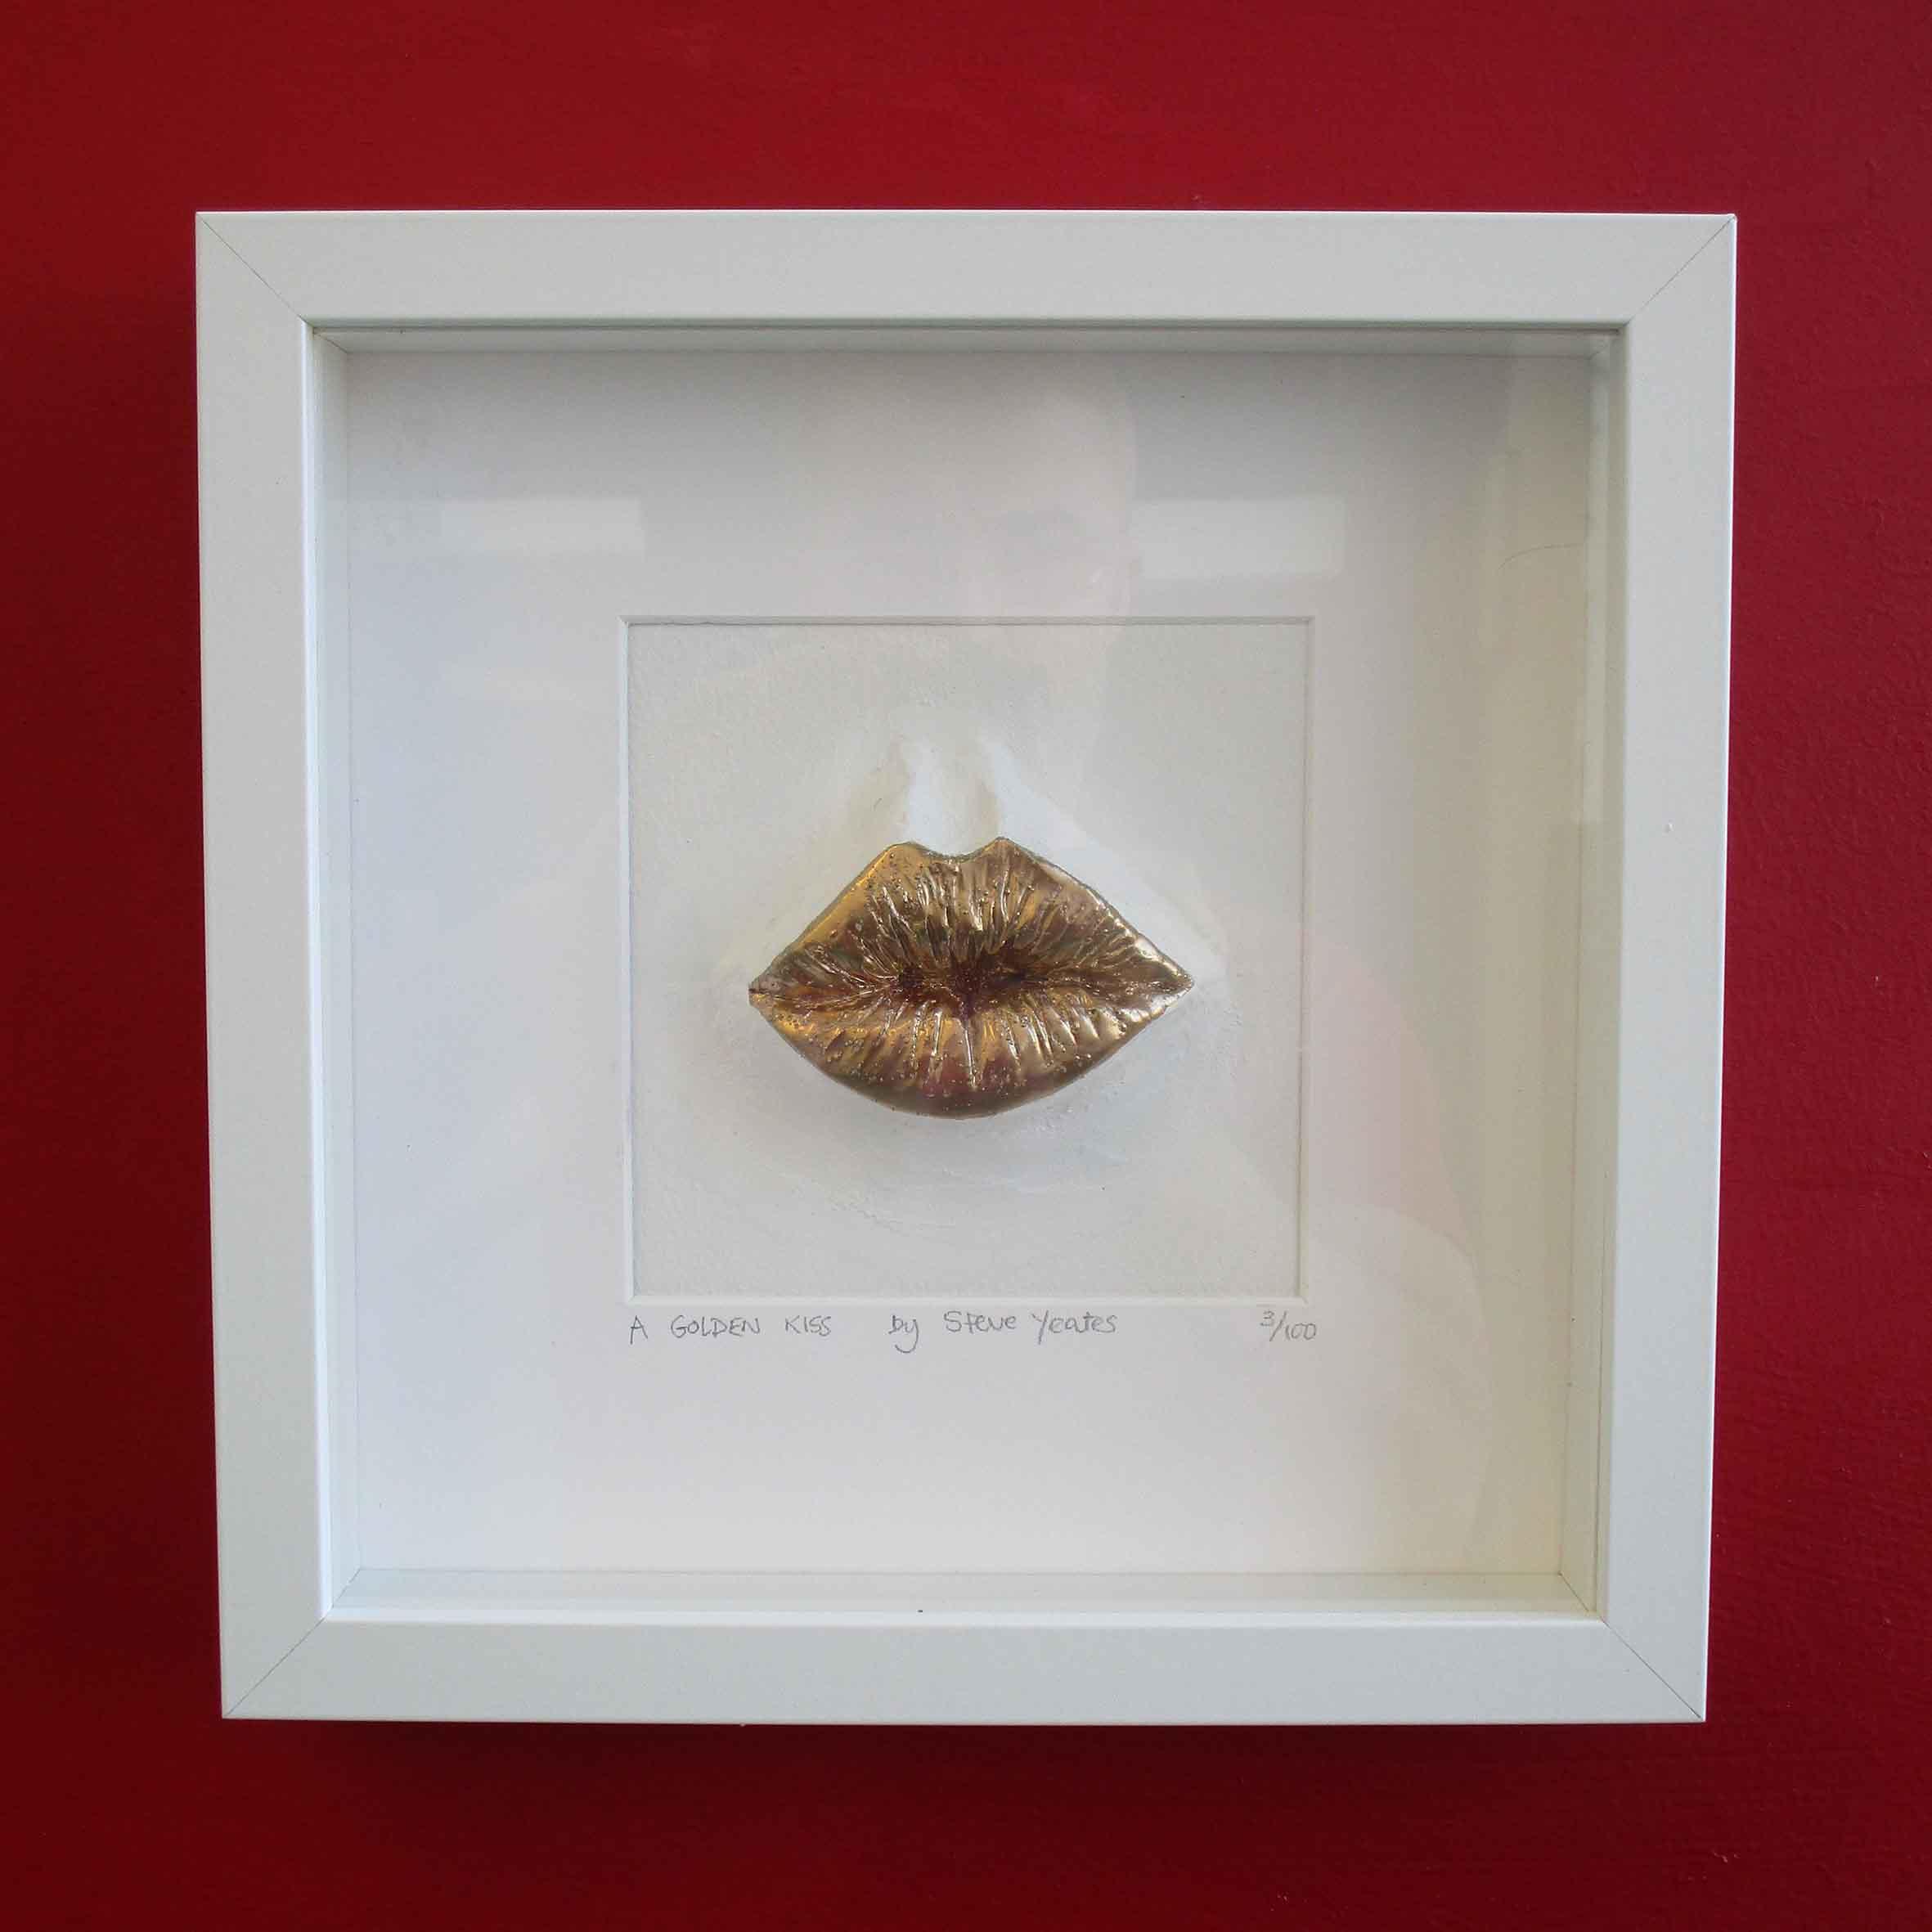 A Golden Kiss